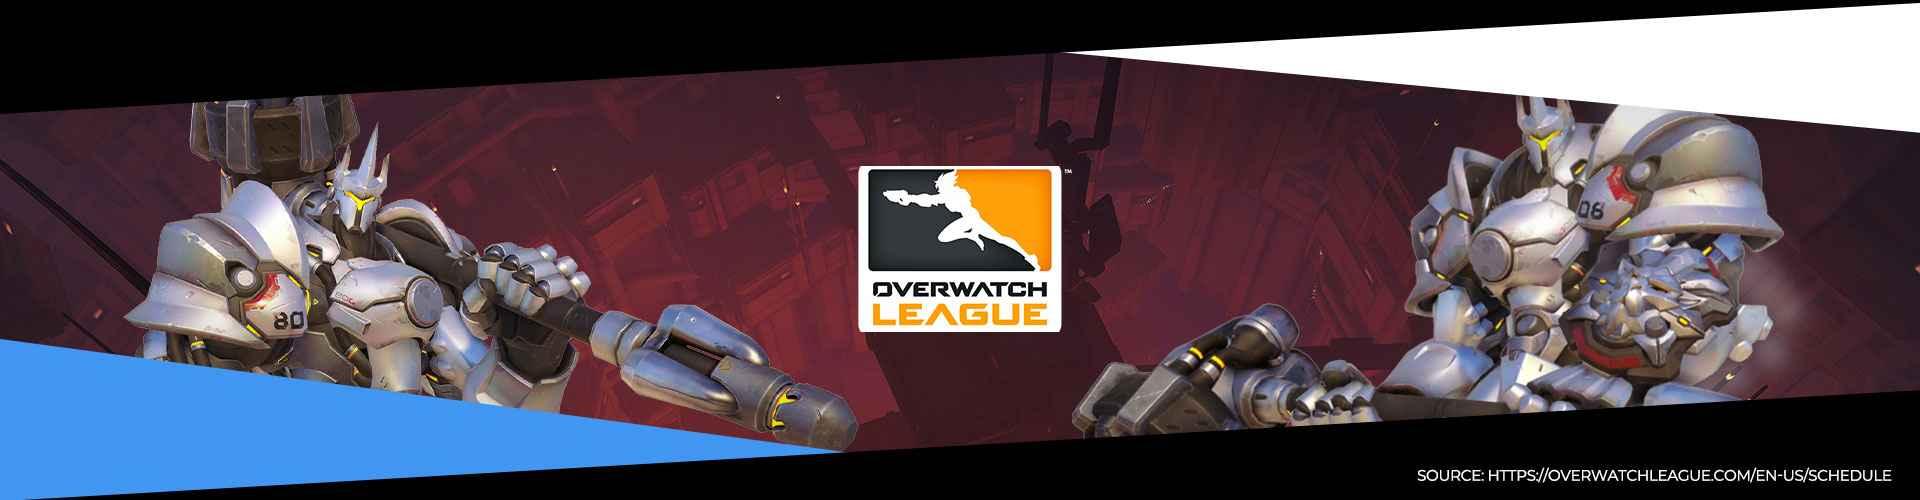 Overwatch League 2020 - viikon 2 yhteenveto